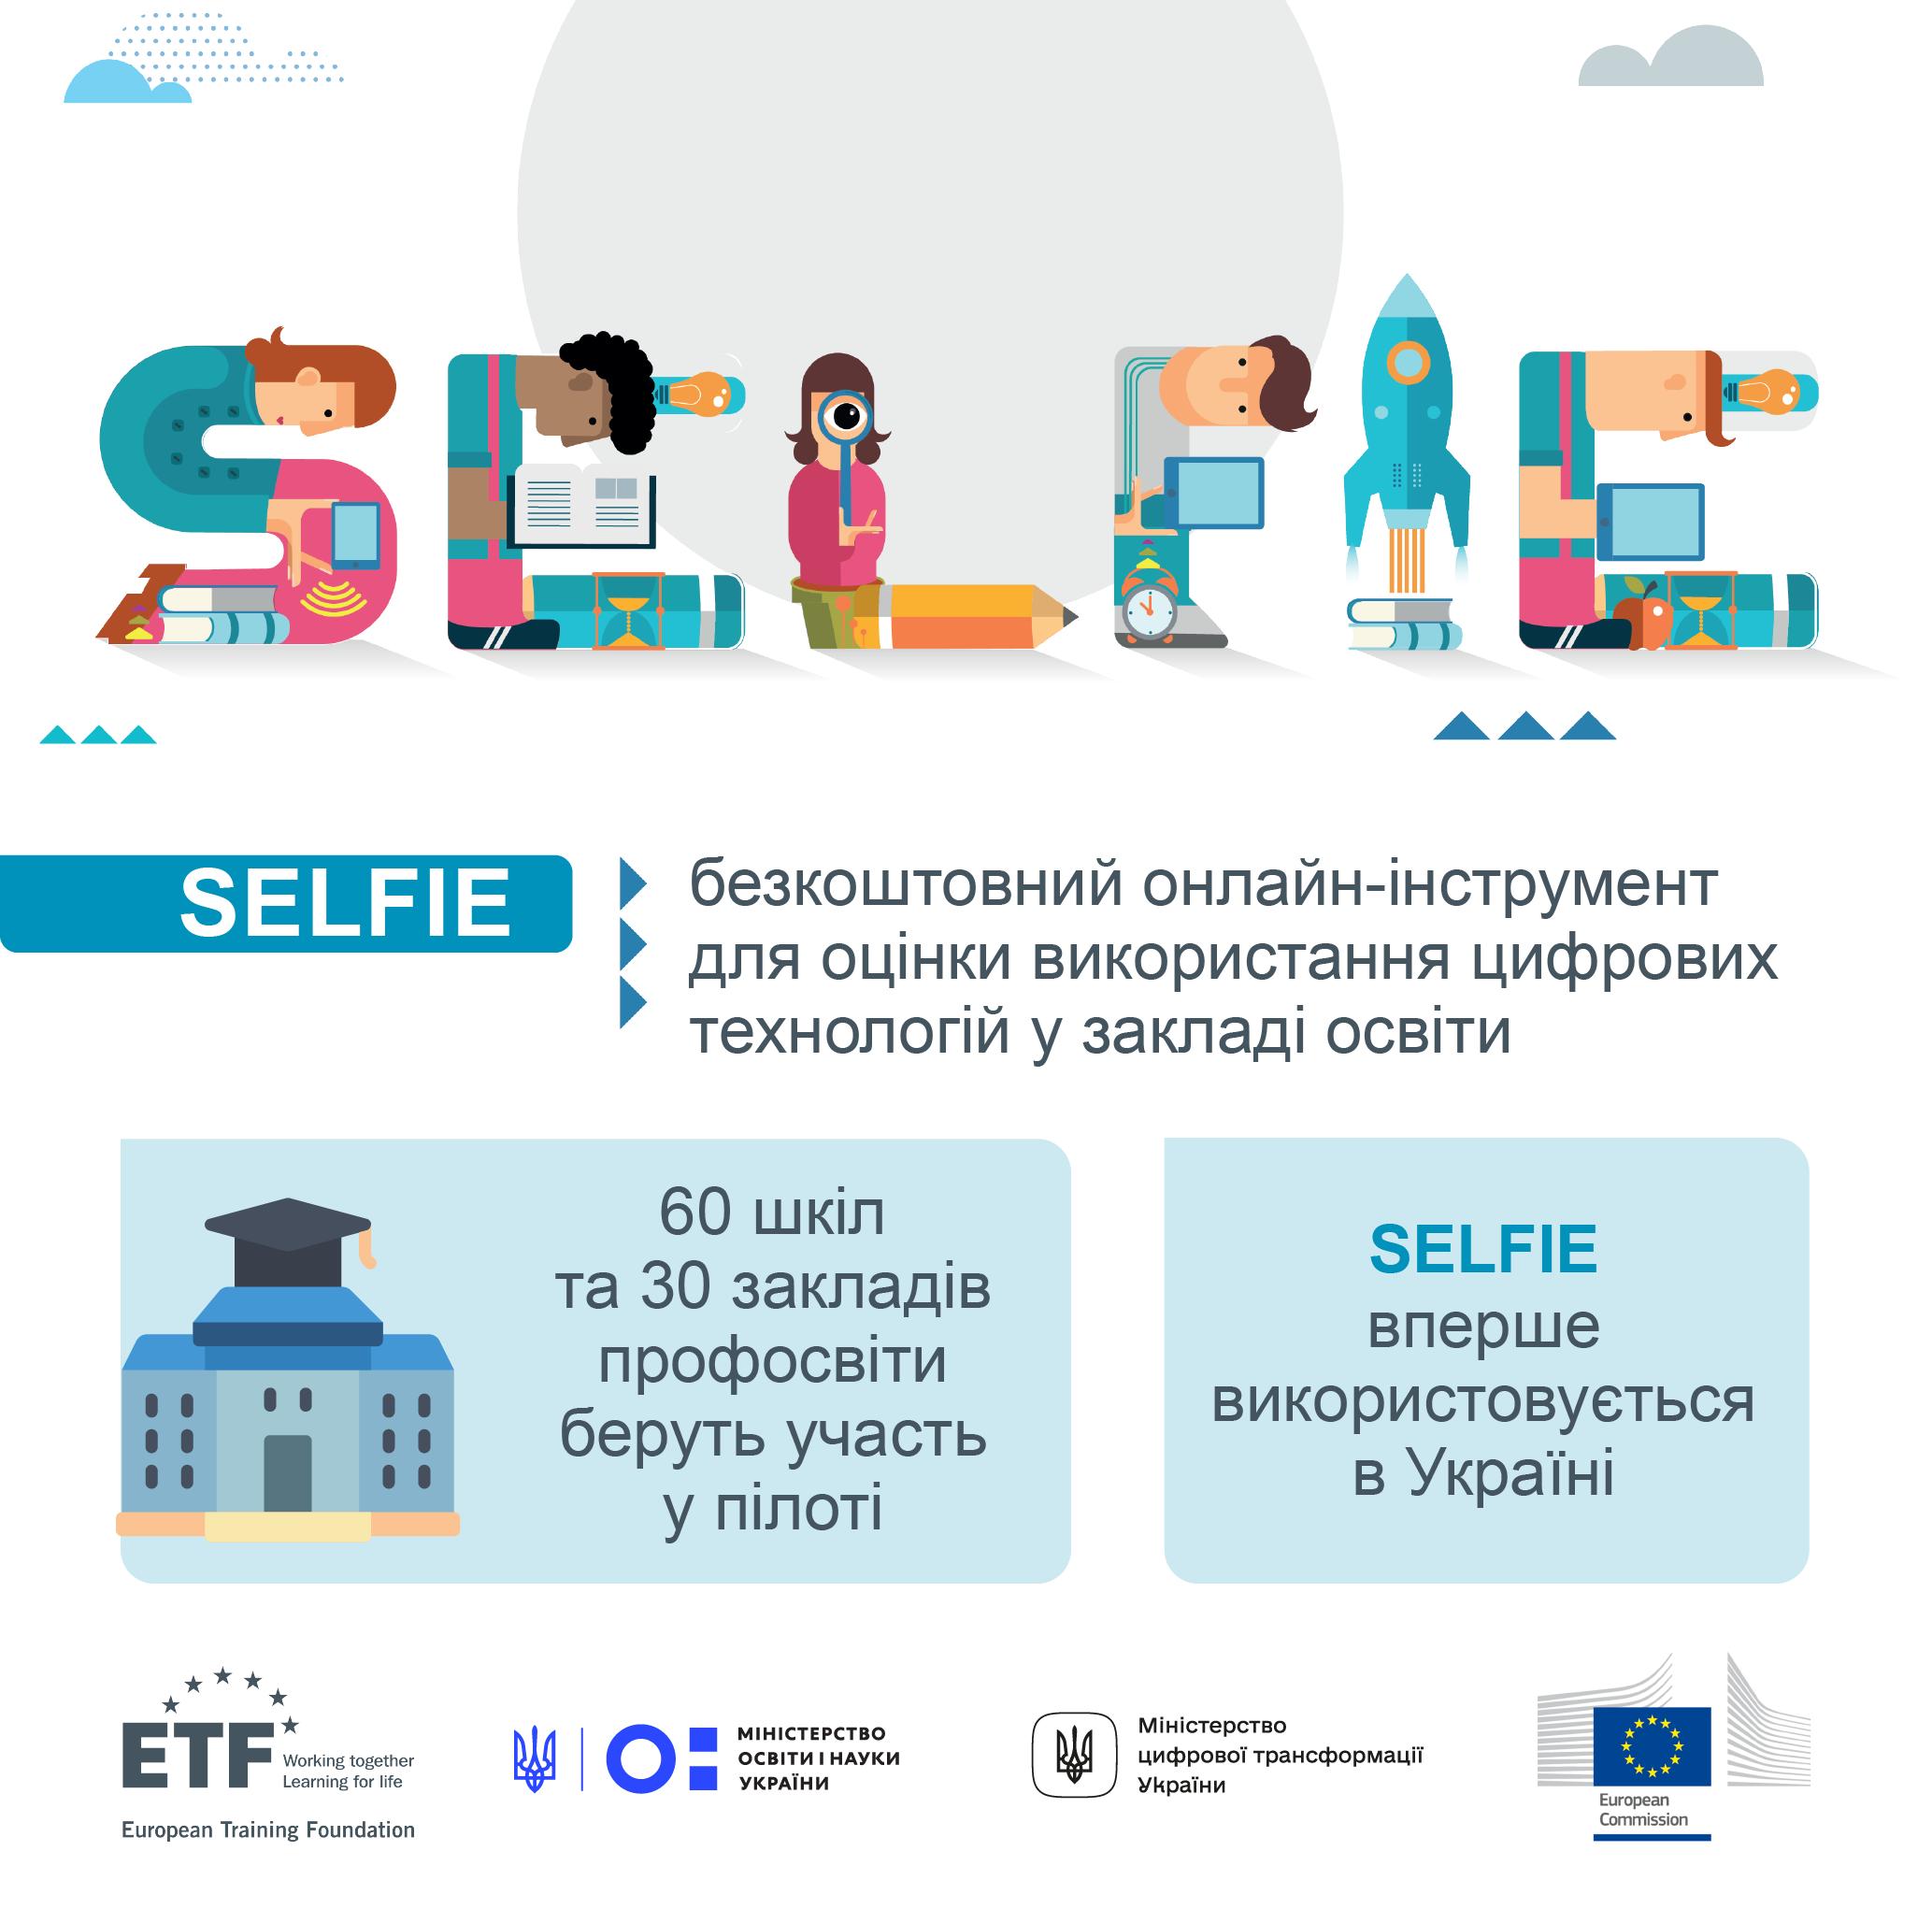 Профтехосвіта Рівненщини бере участь у пілотному проекті SELFIE